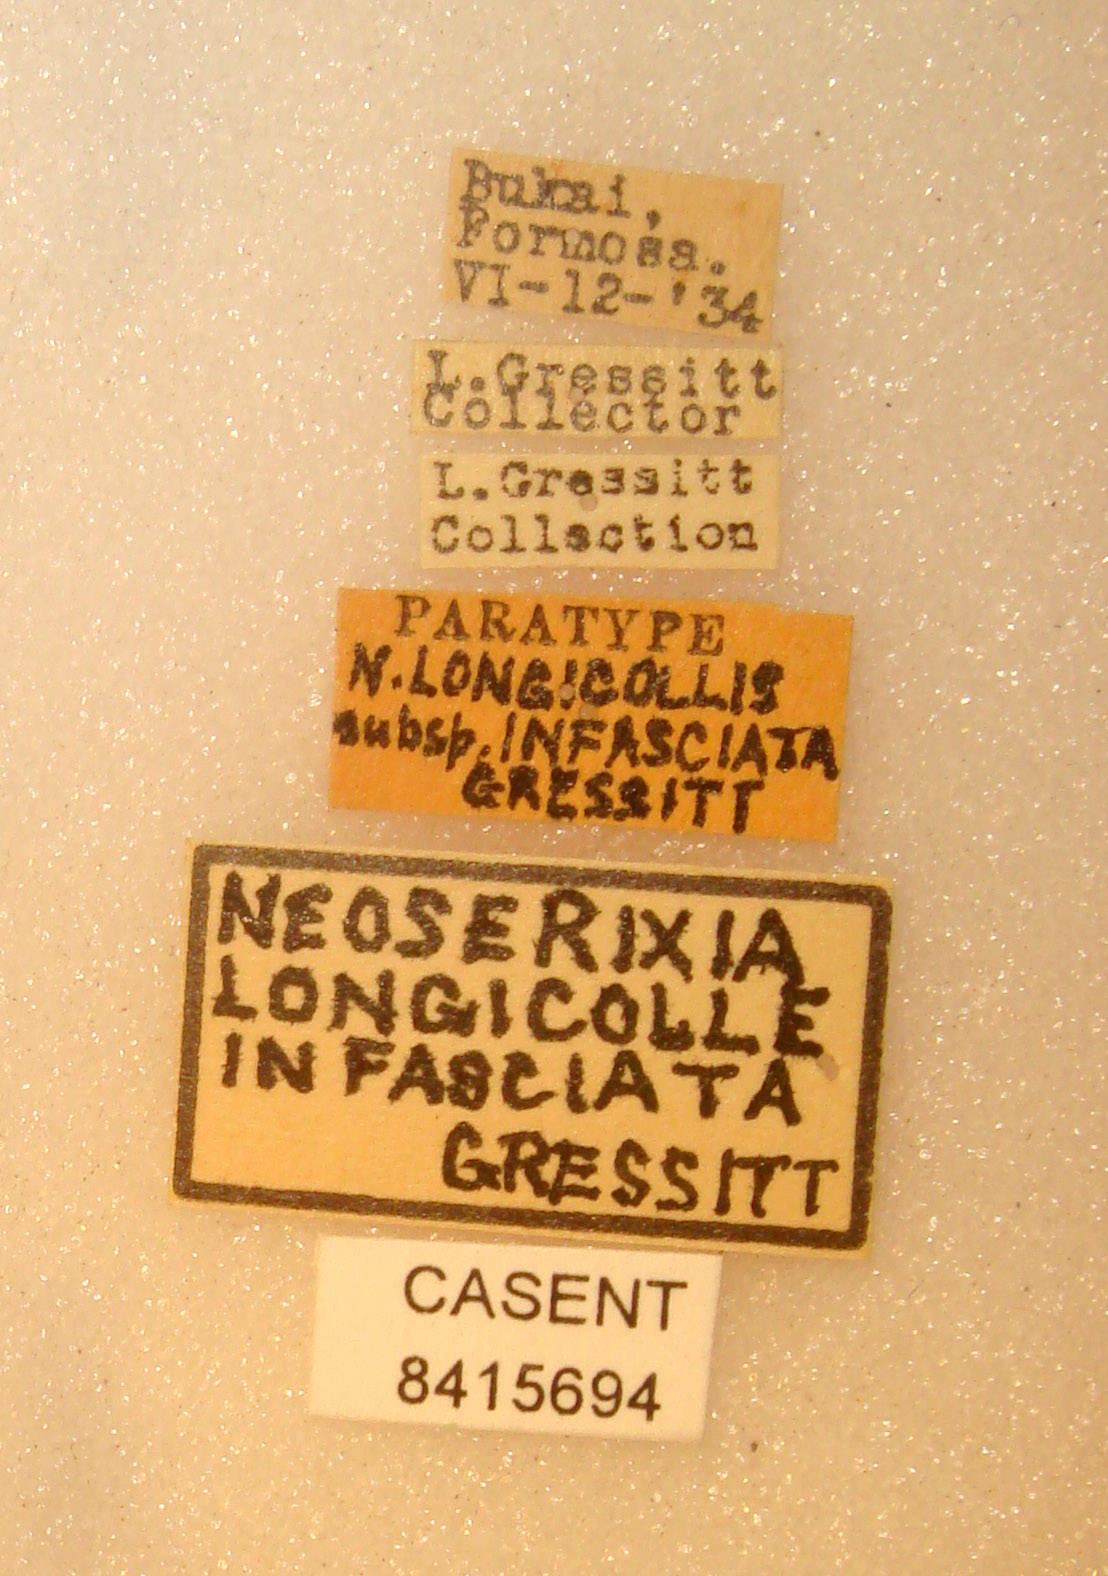 Neoserixia longicollis infasciatus image